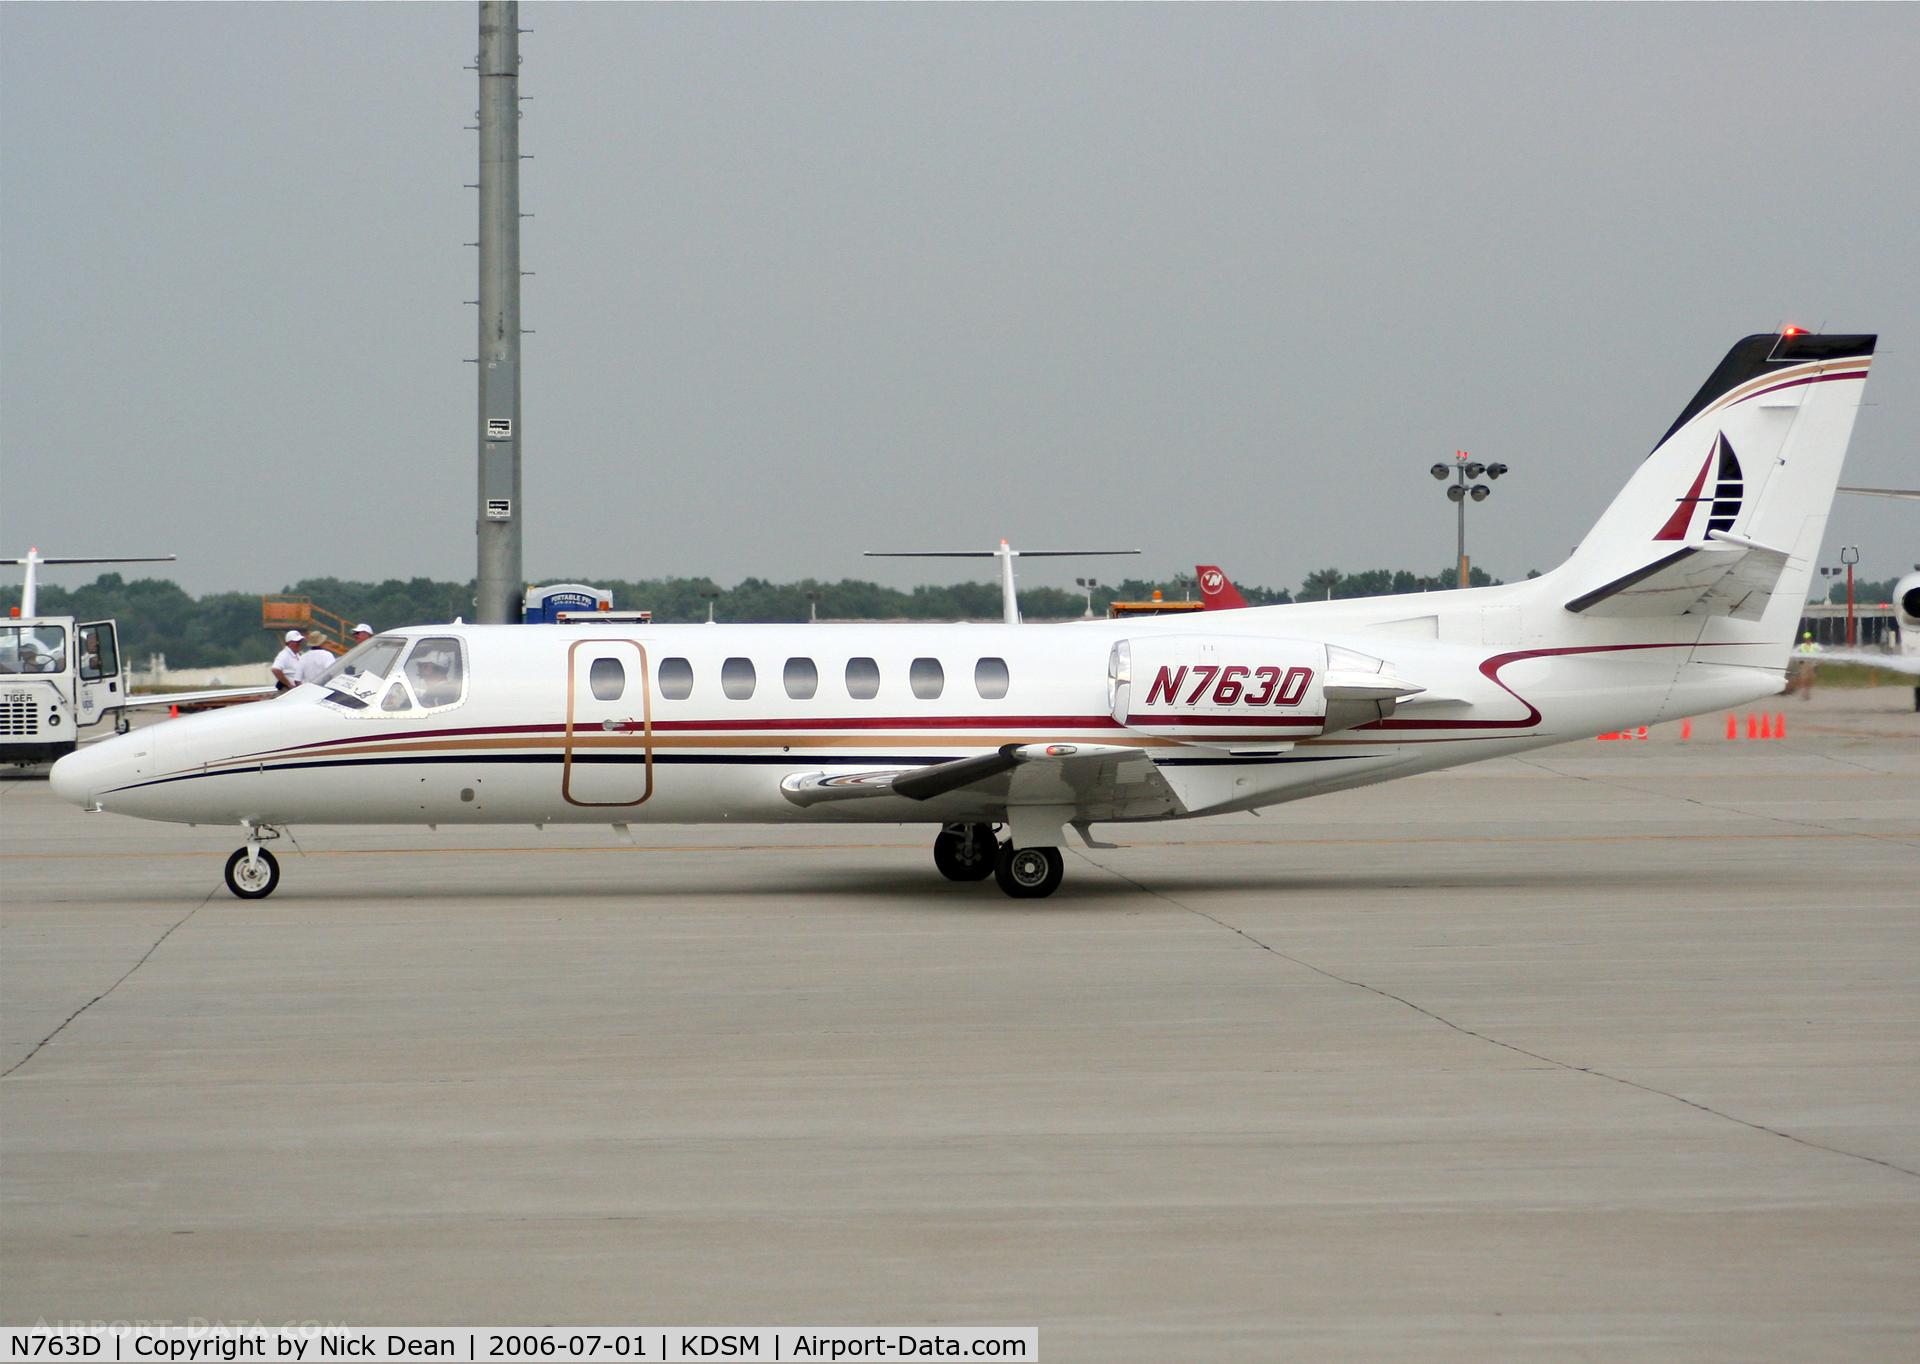 N763D, 1989 Cessna 560 C/N 560-0007, KDSM